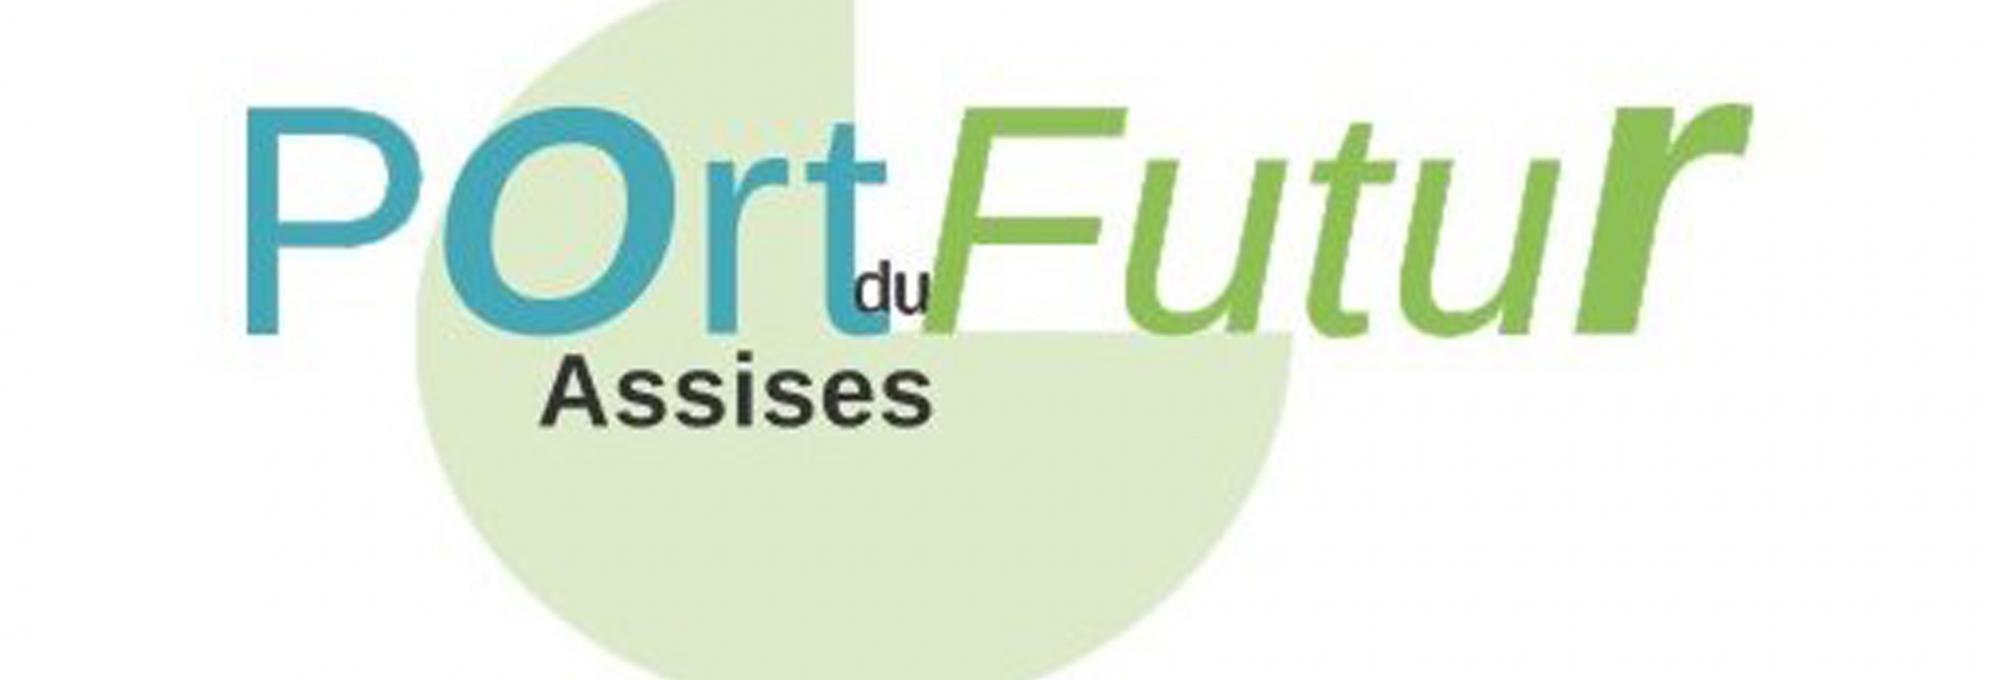 Port du Futur